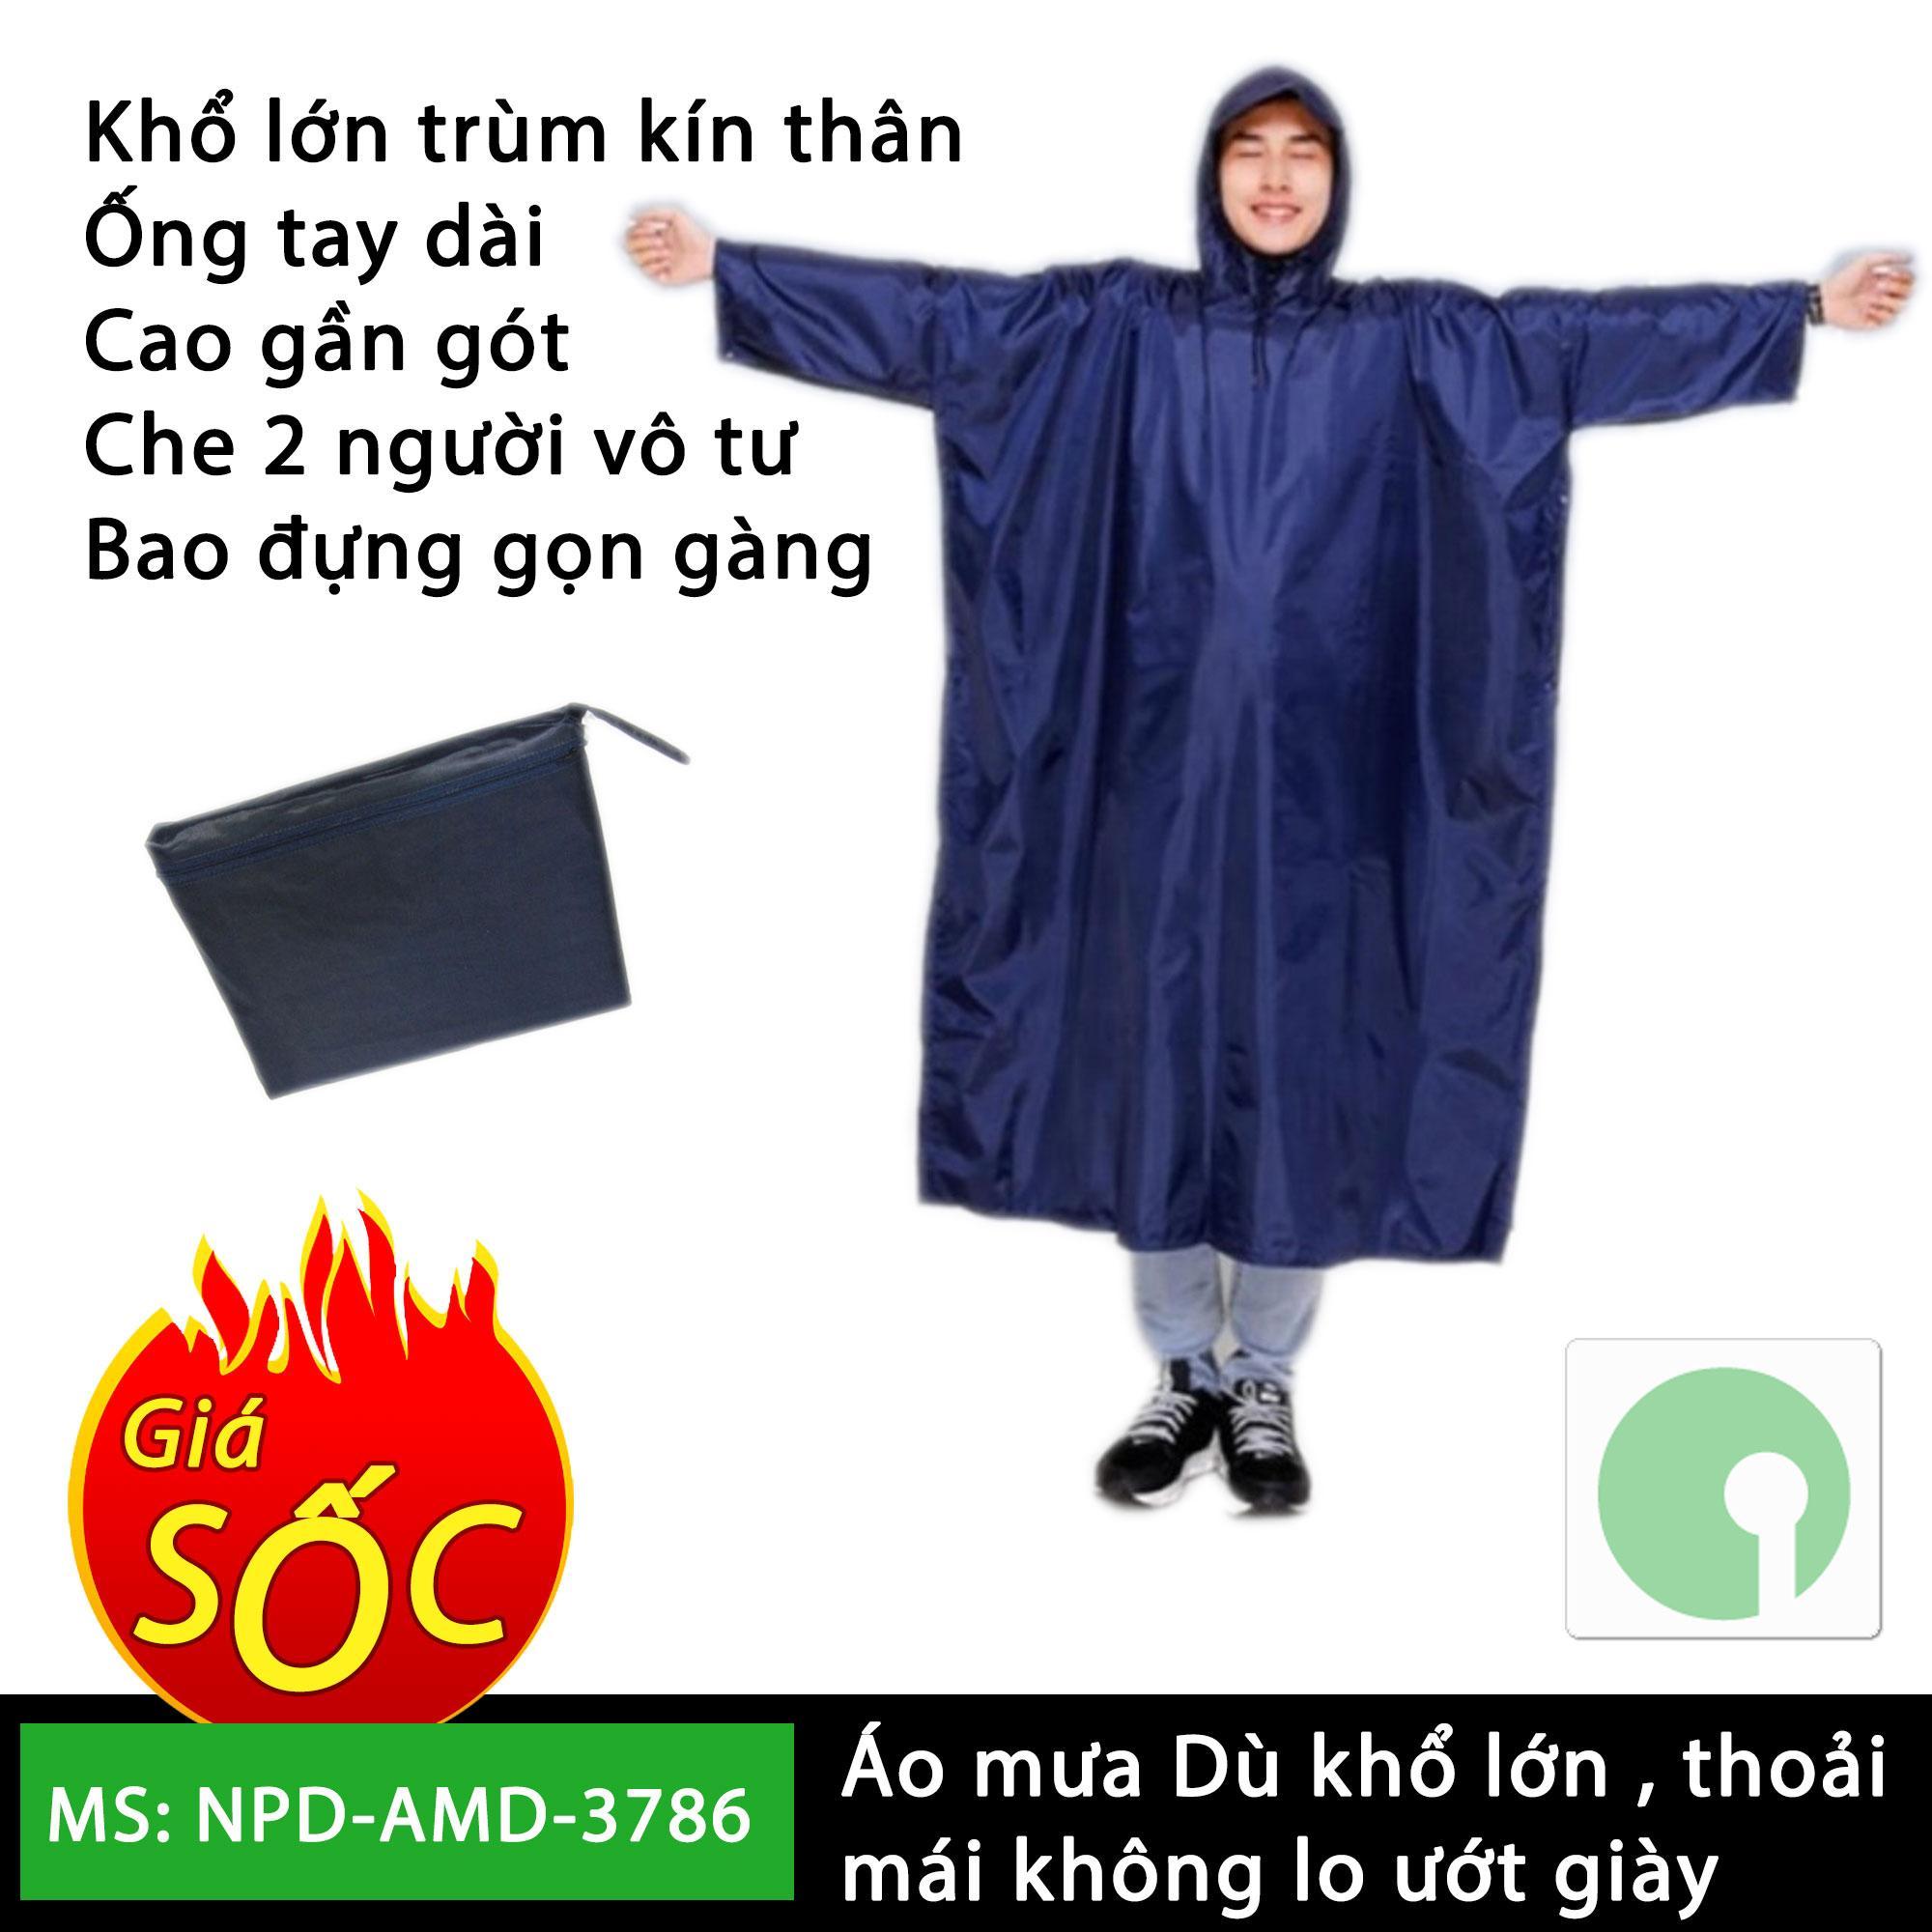 Áo mưa vải dù cao cấp loại lớn 1m4 - che kín 2 người mùa mưa - NPD-AMD-3786 (Nhiều màu)